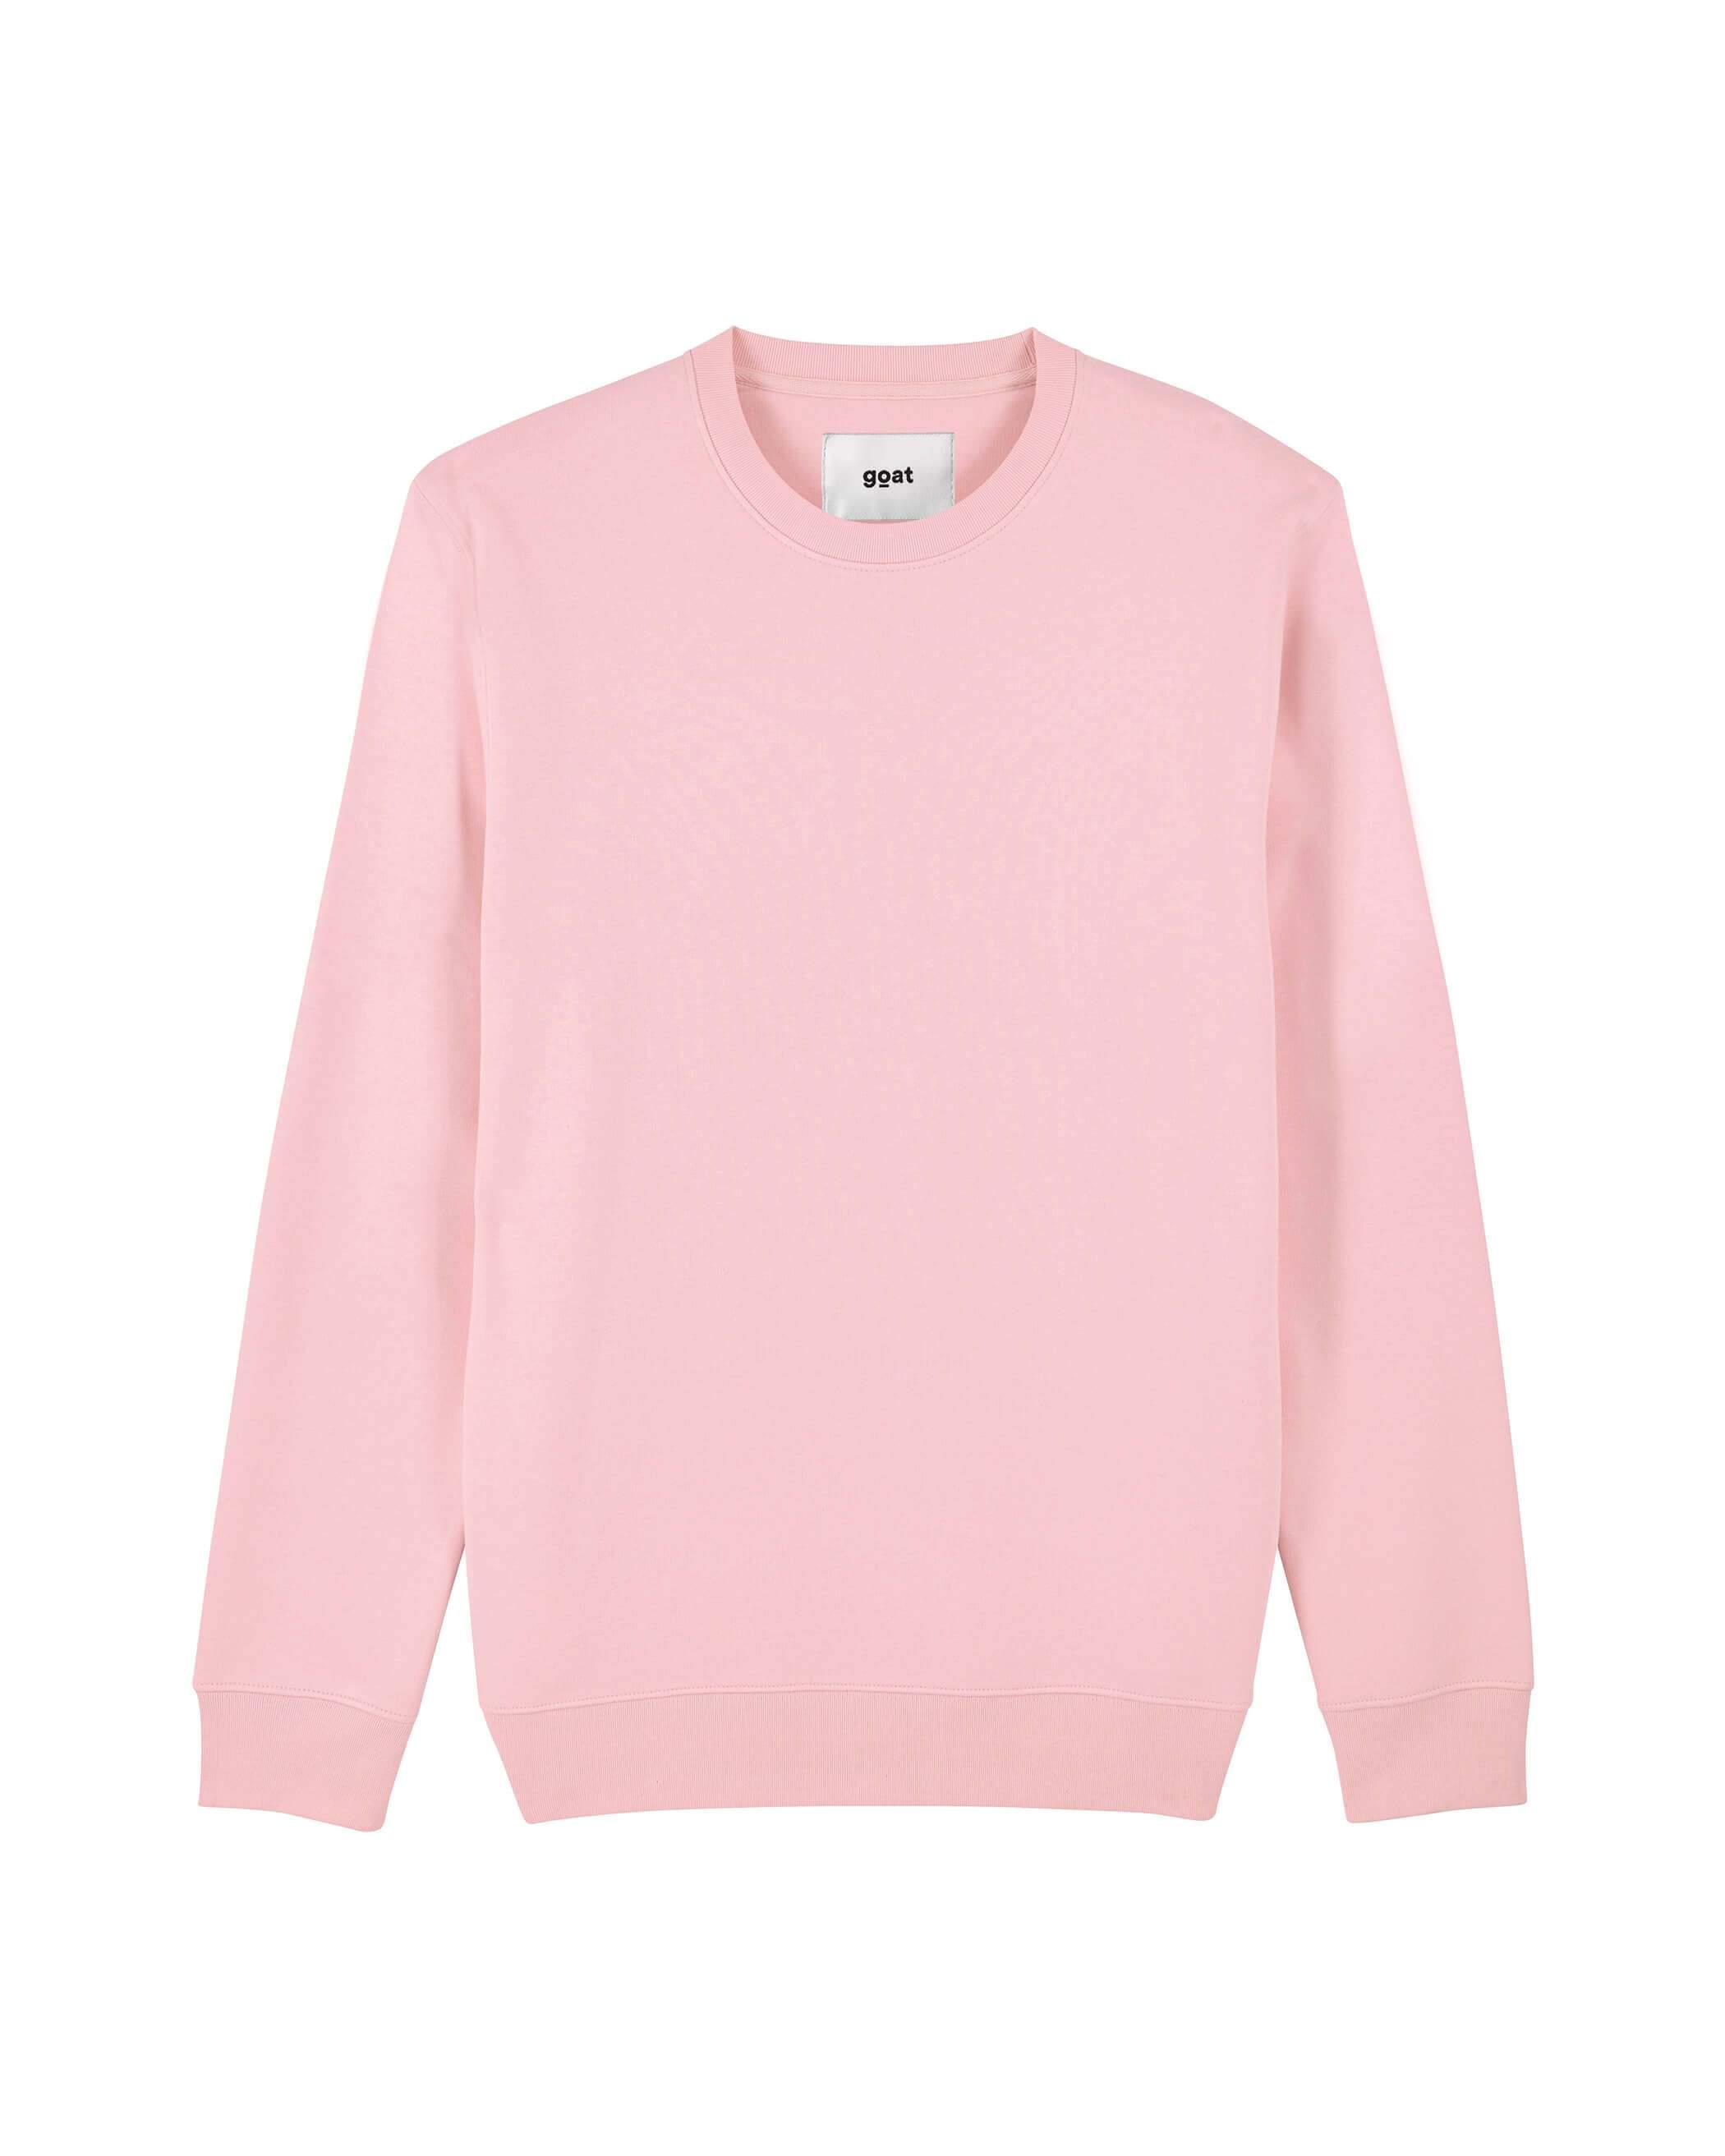 Ace Boxy Sweater Pink